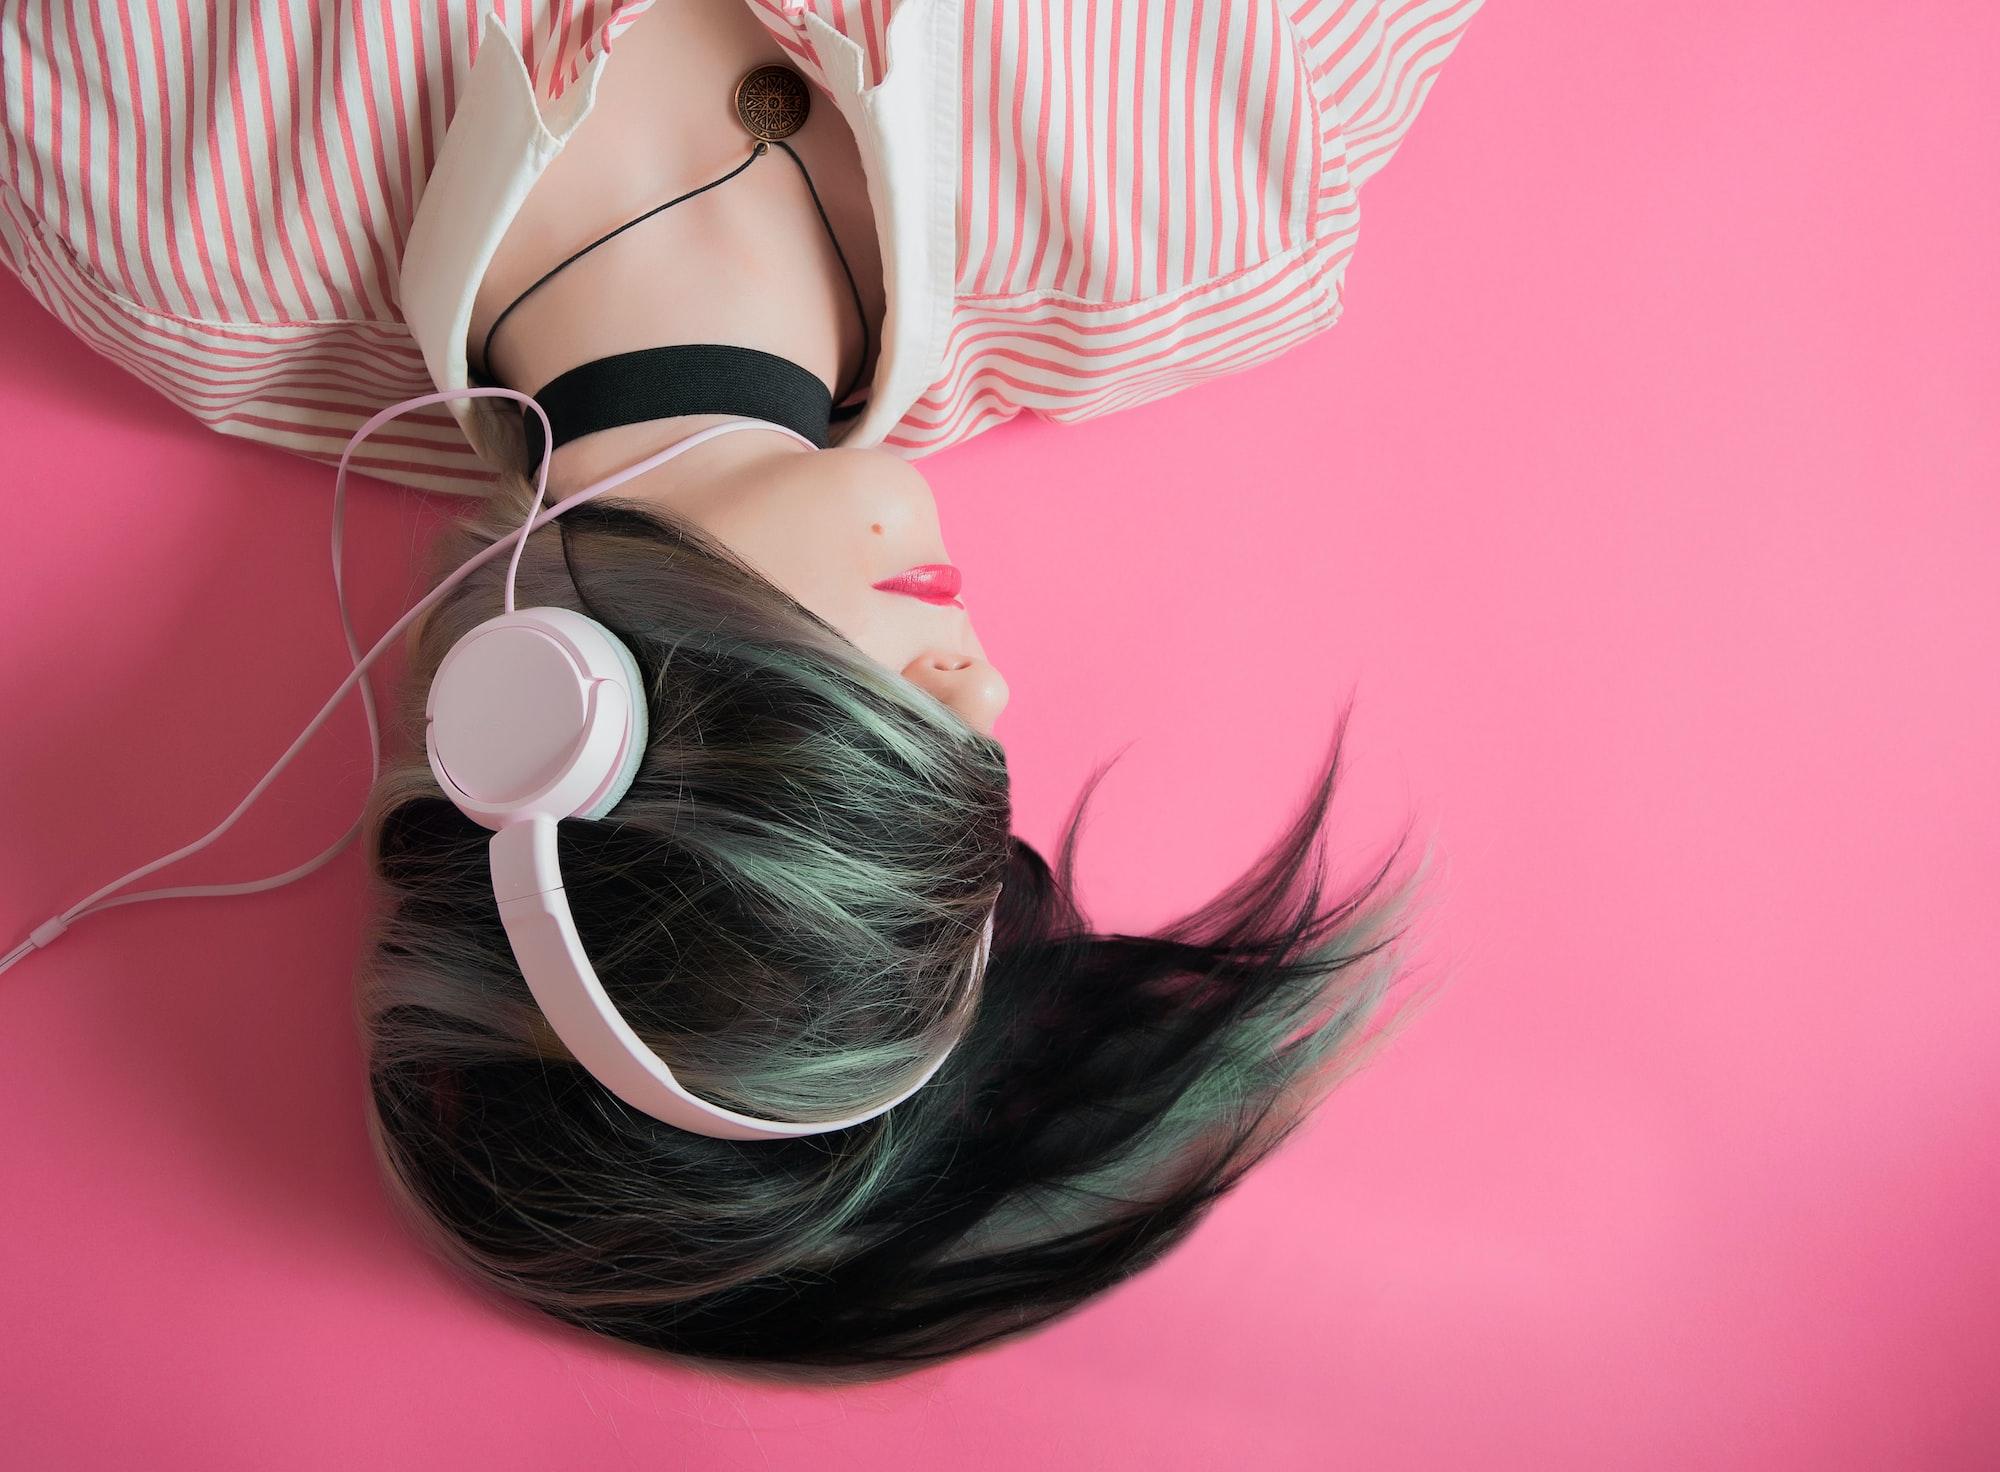 Müzikte Dörtlü Bulmaca Anlamı Nedir?